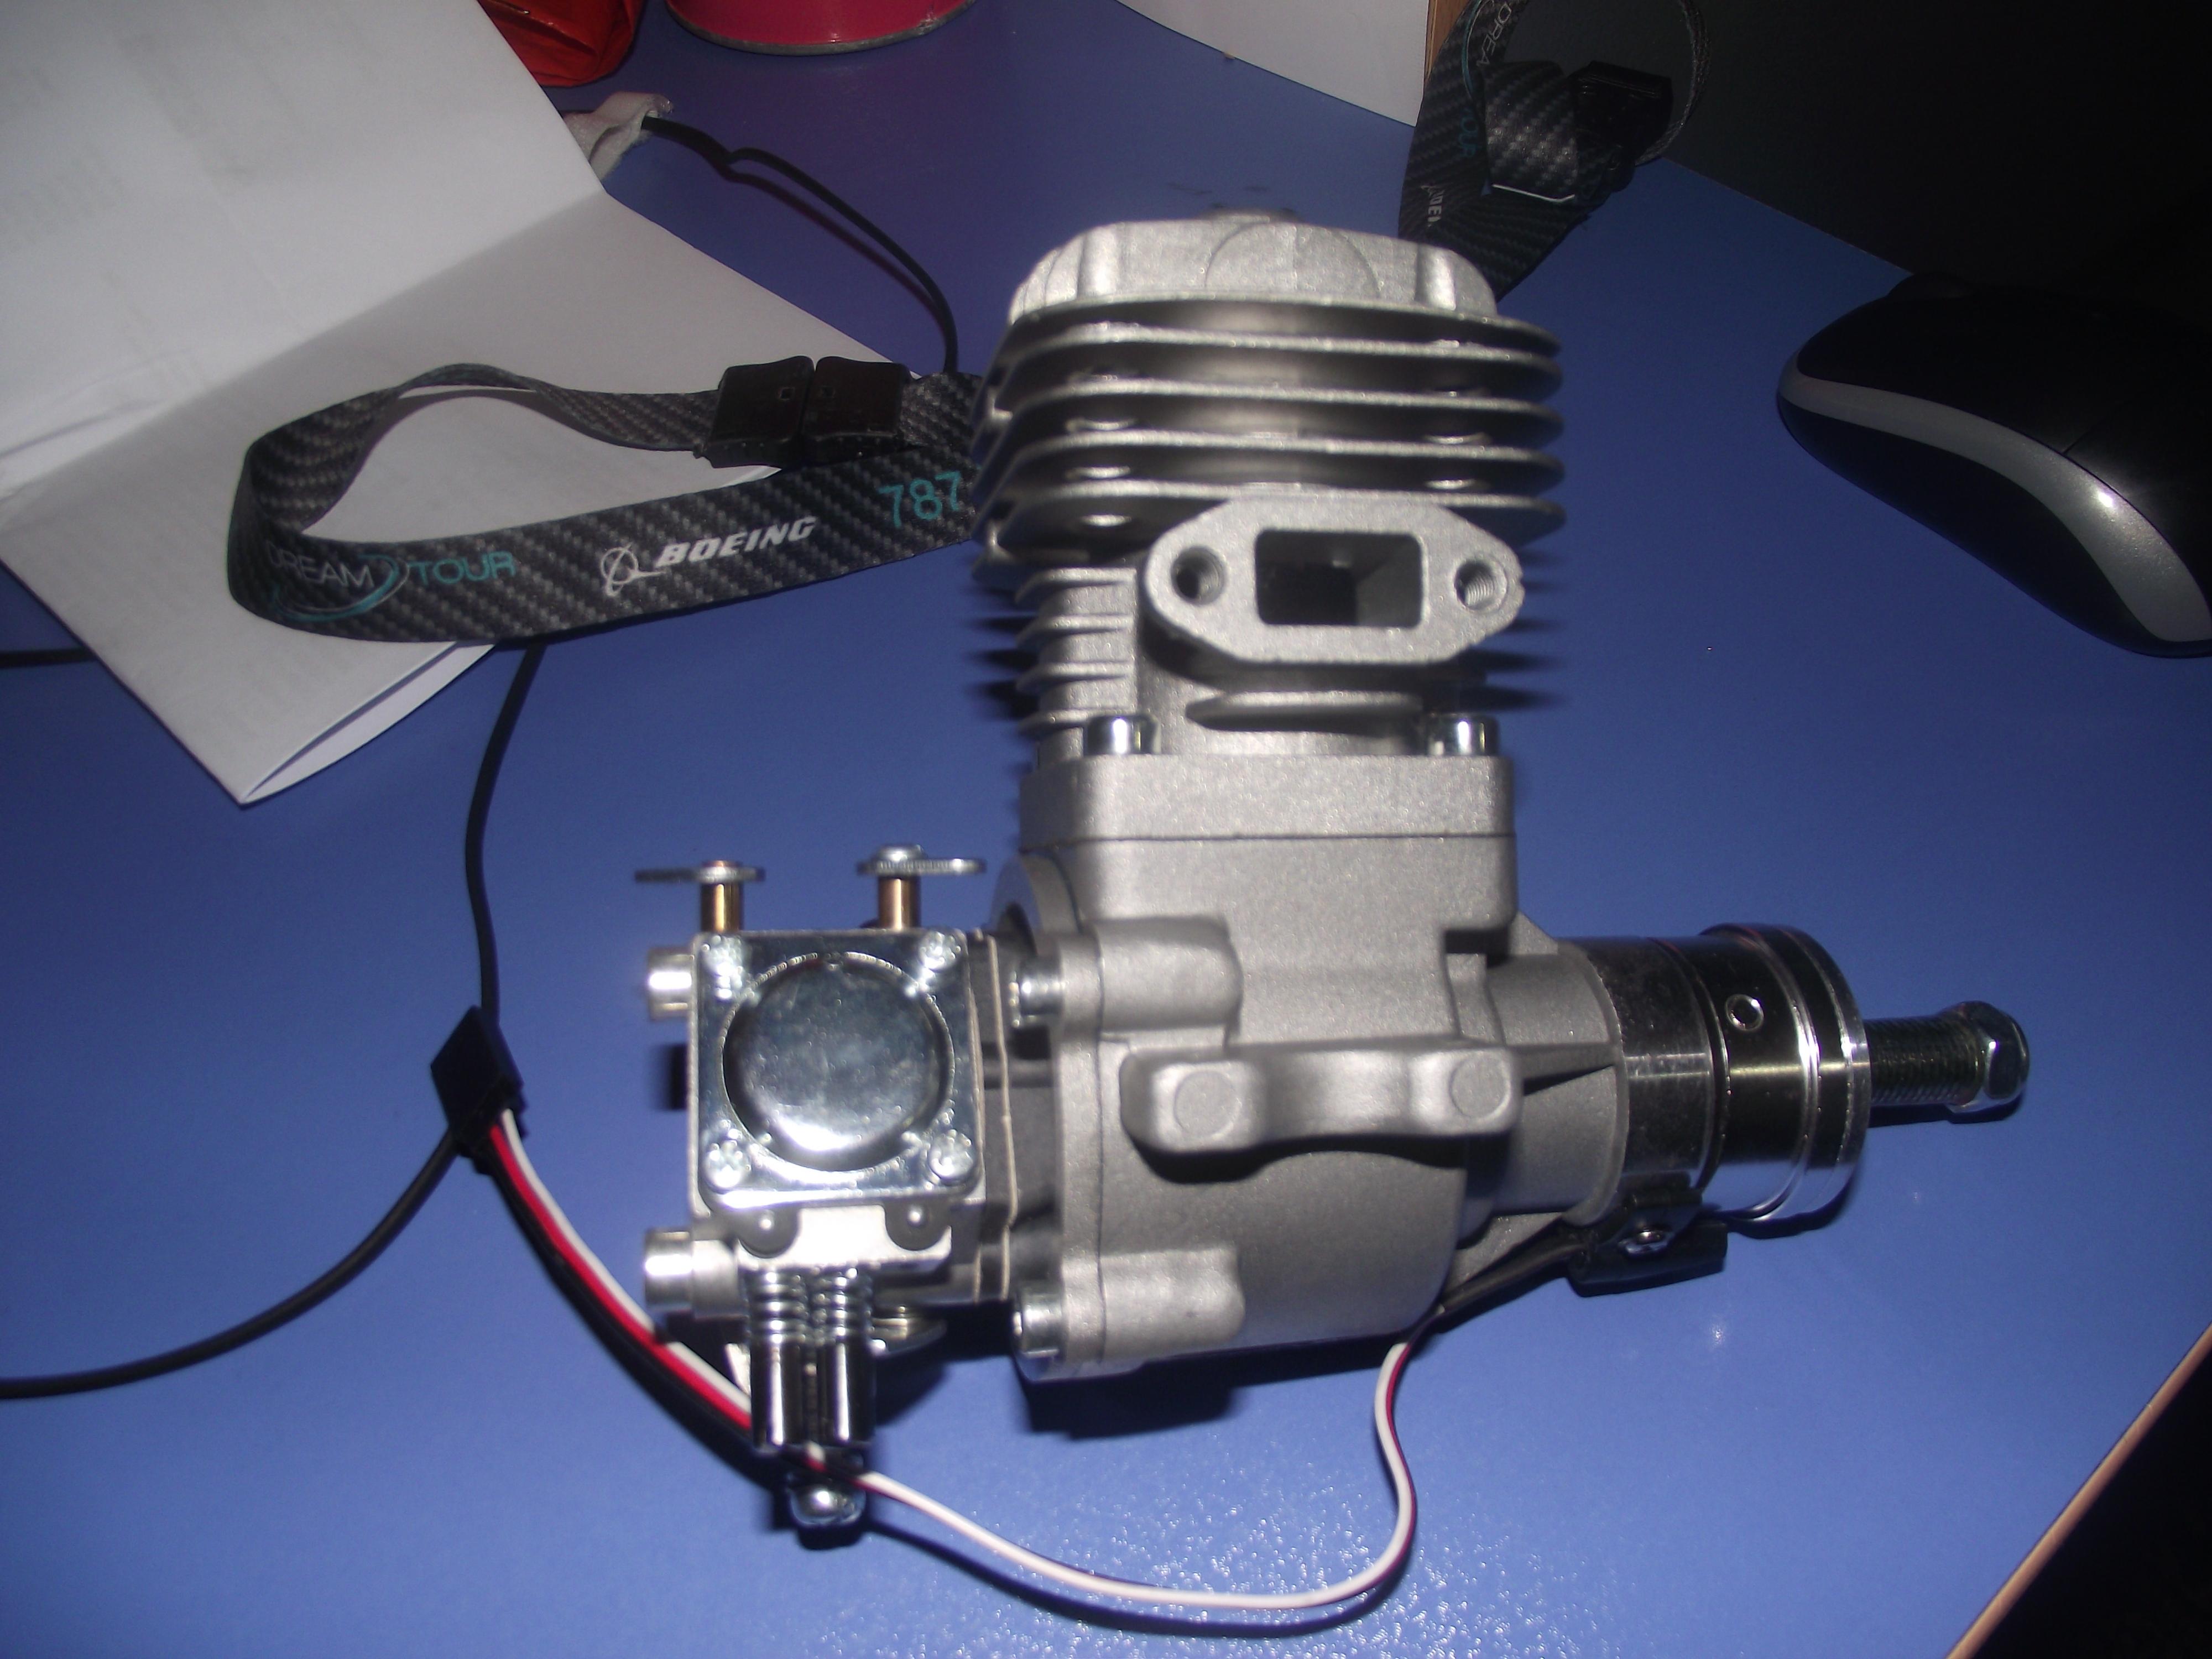 зарядное устройство спец св 13 инструкция